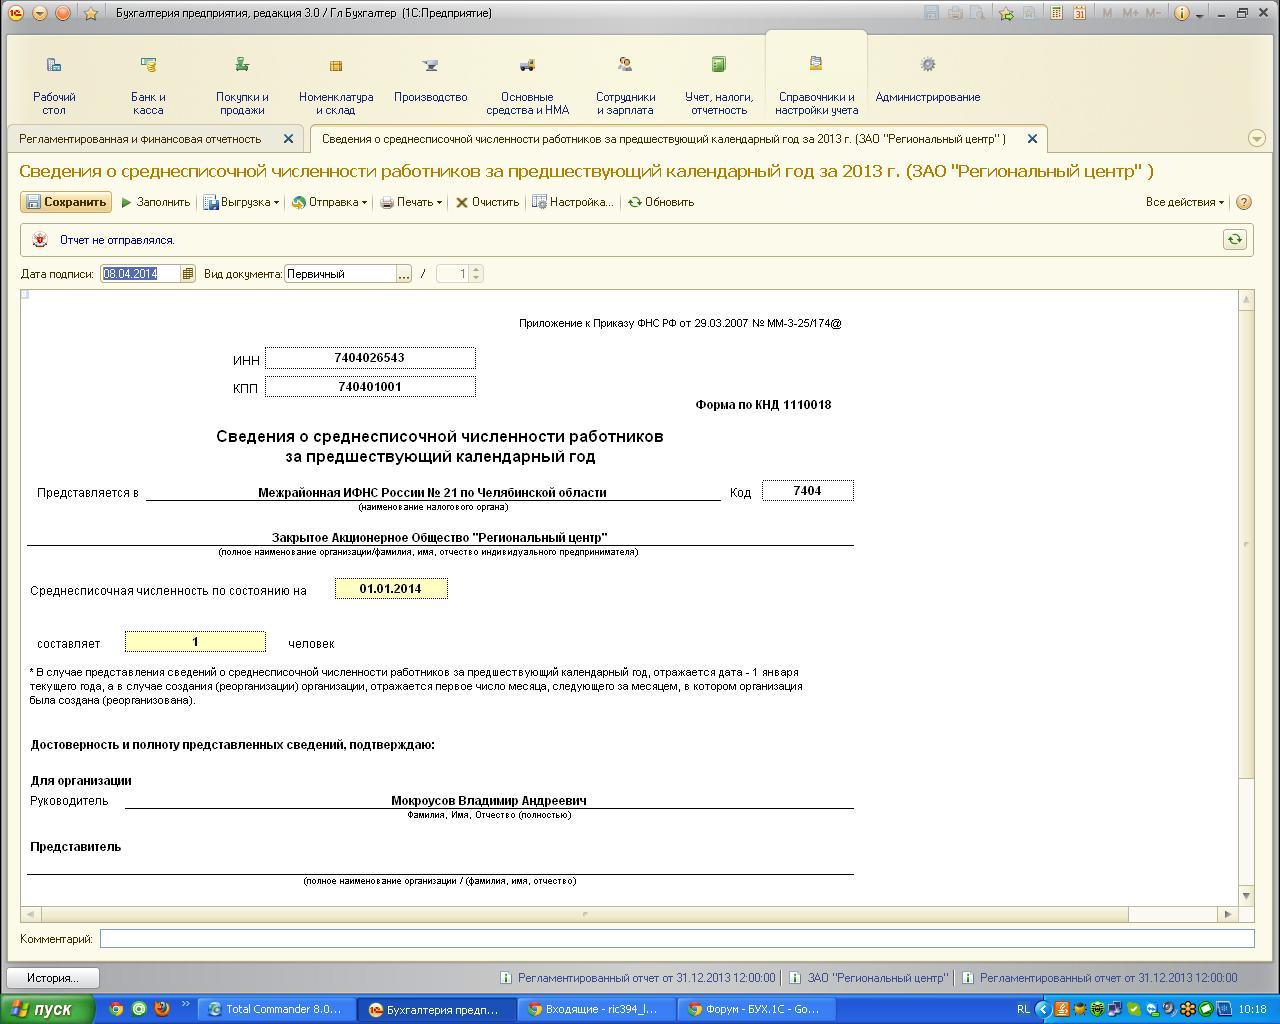 бланк отчета в налоговую 1110018